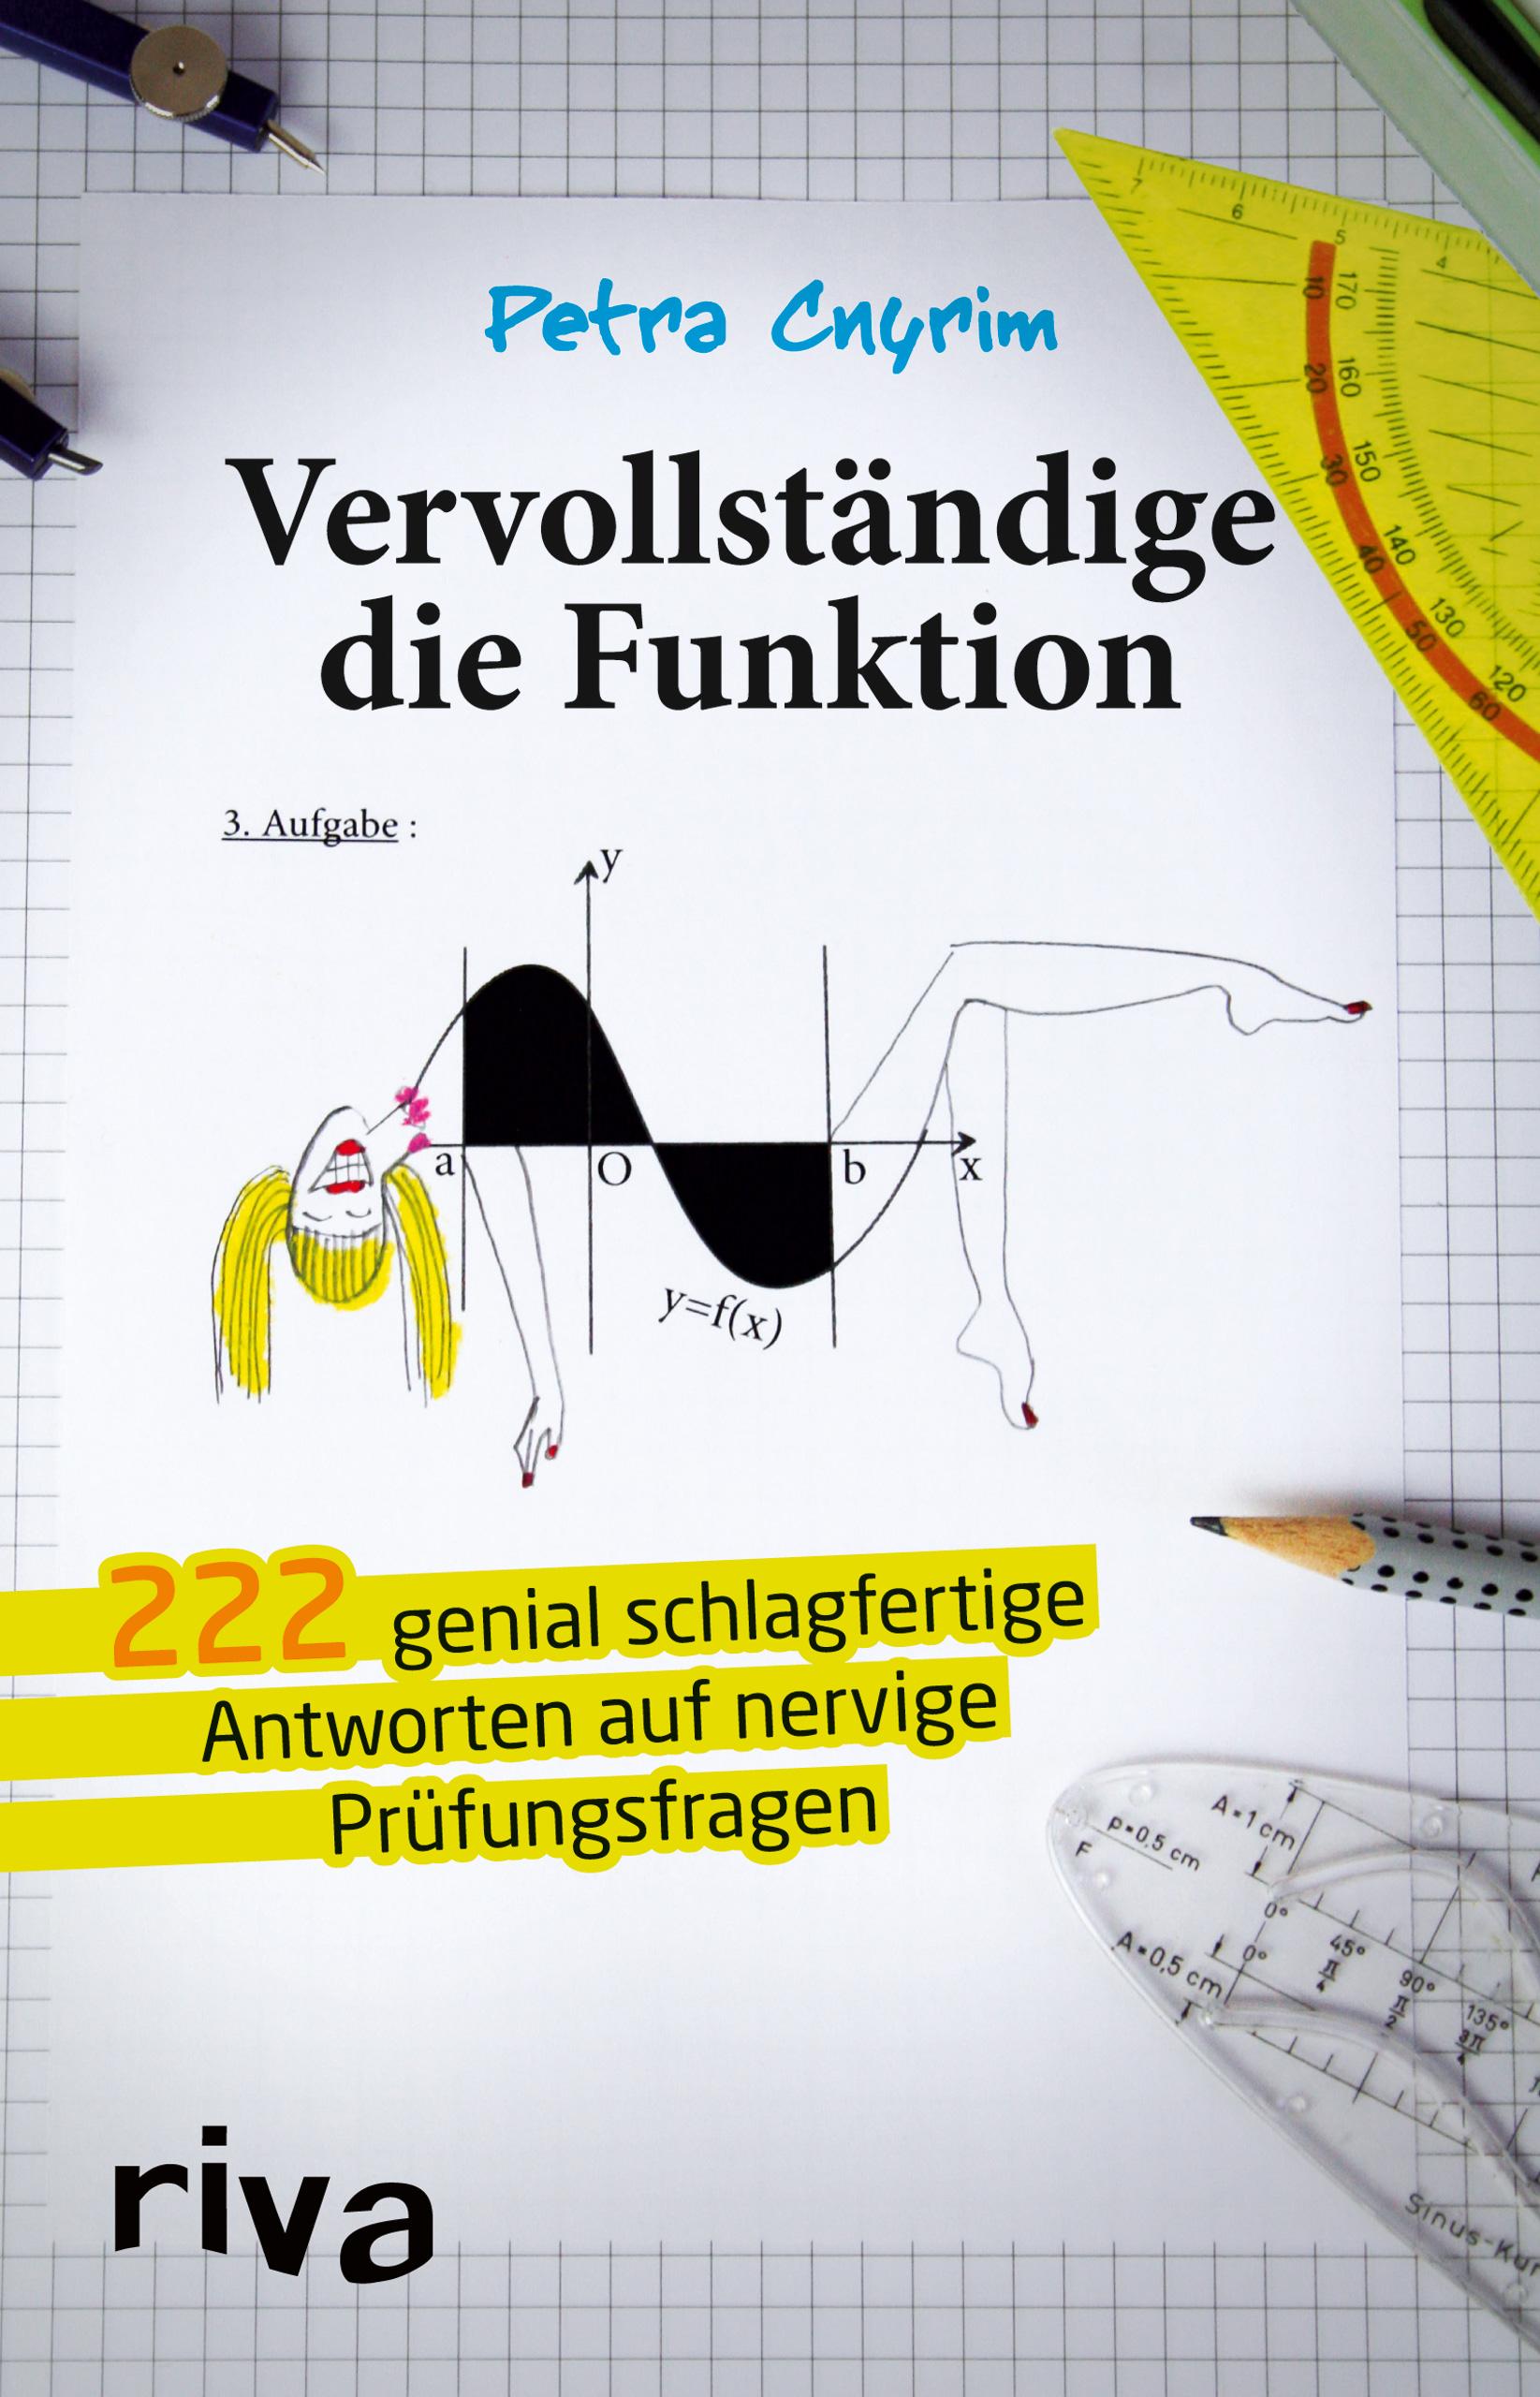 Berühmt Anatomie Testfragen Und Antworten Galerie - Anatomie Ideen ...